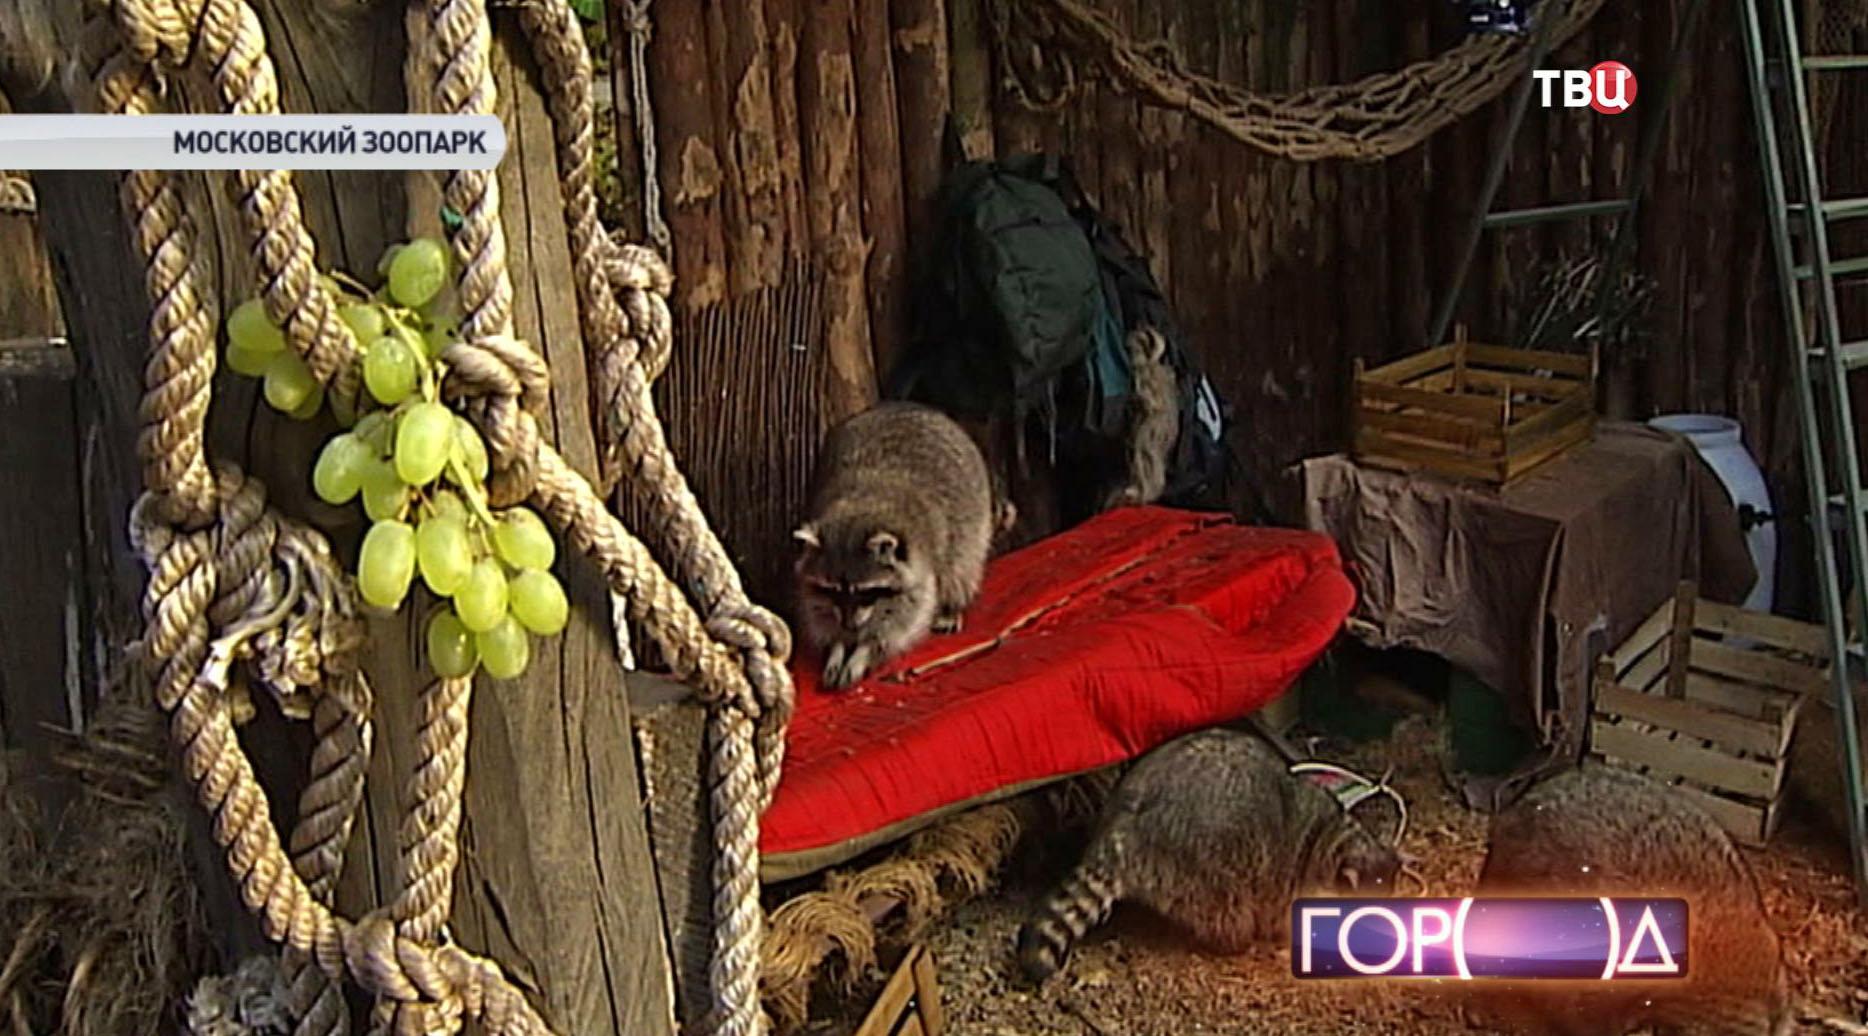 Еноты в Московском зоопарке